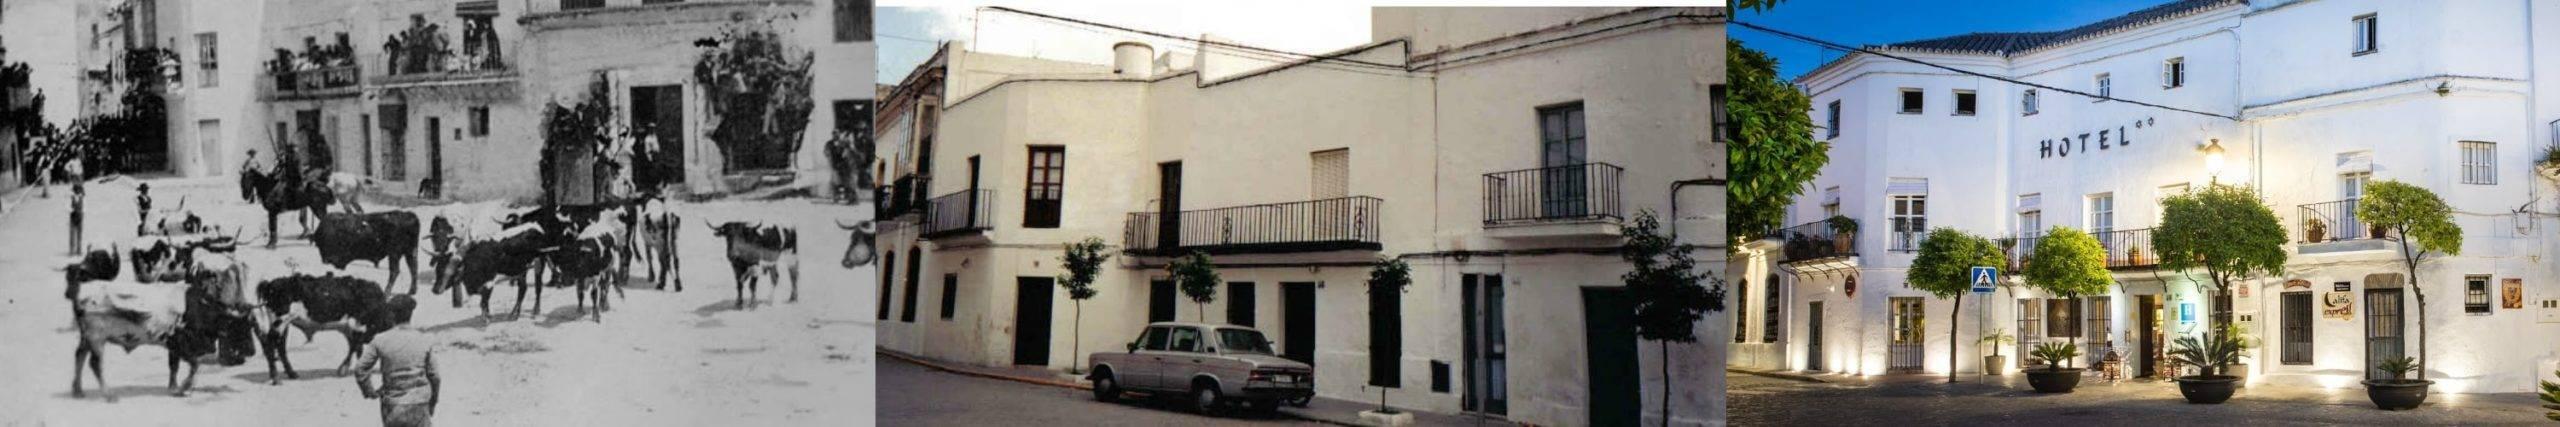 El edificio Califa en la Plaza de España 1898, 1989, 2013